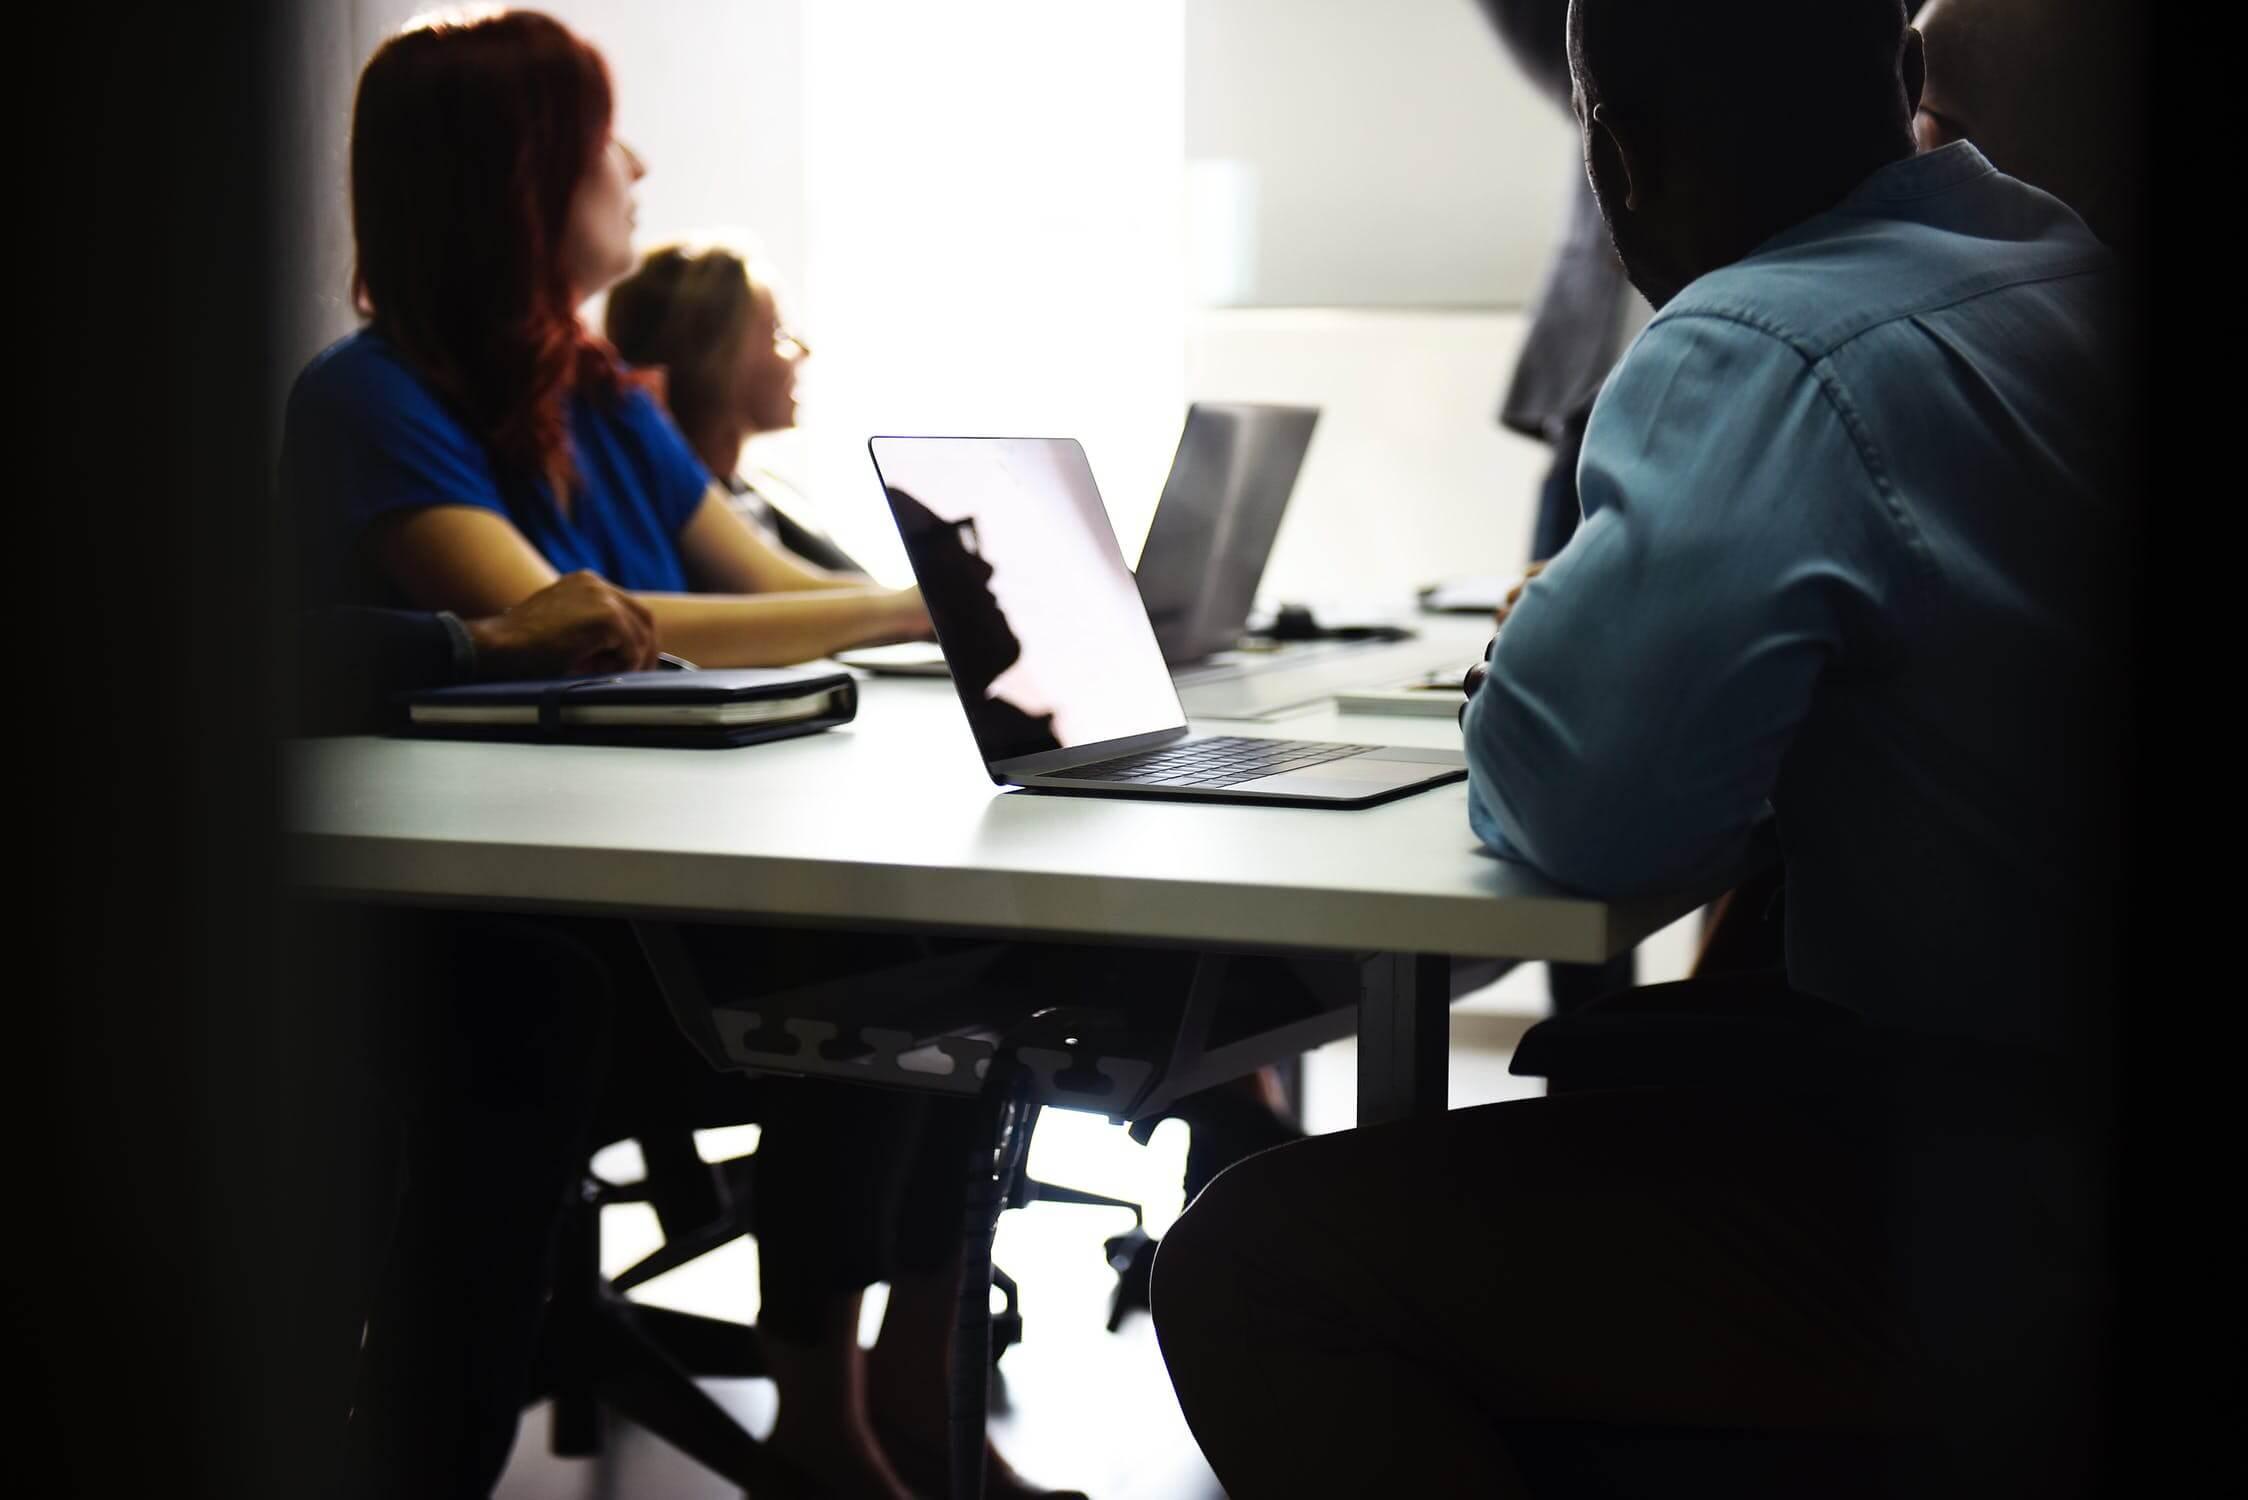 Mestrado UCPel: Pessoas sentadas à mesa de estudos